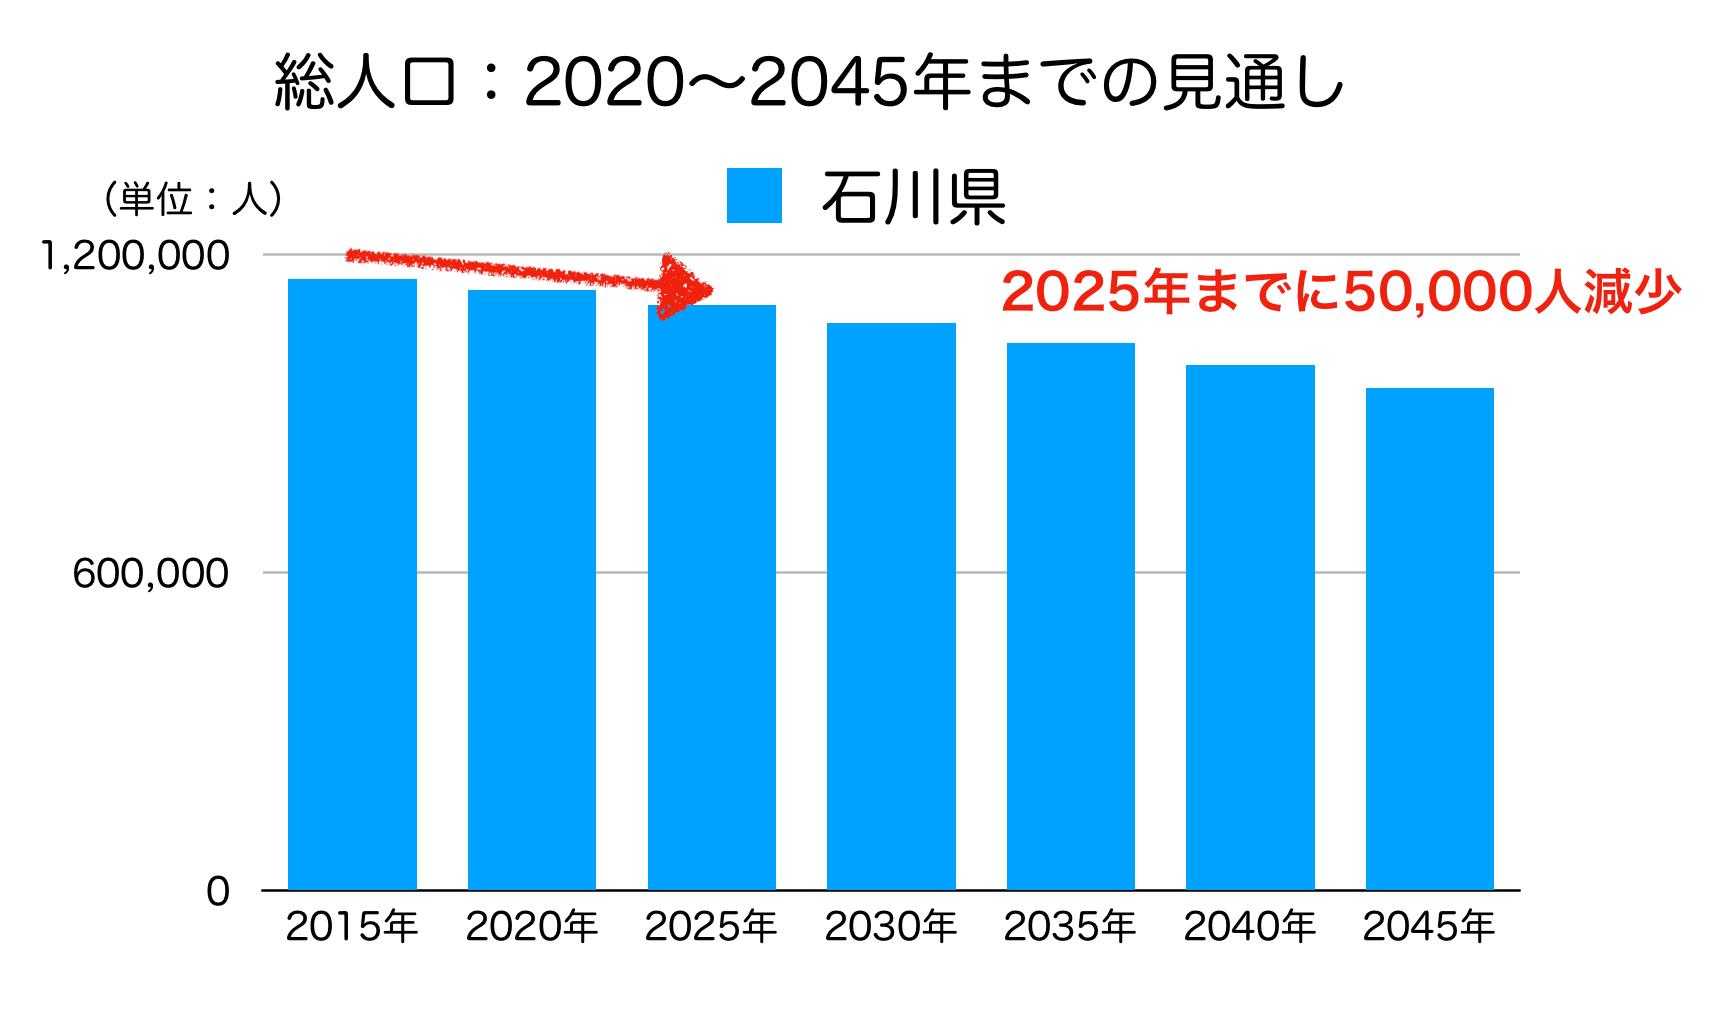 石川県の人口予測